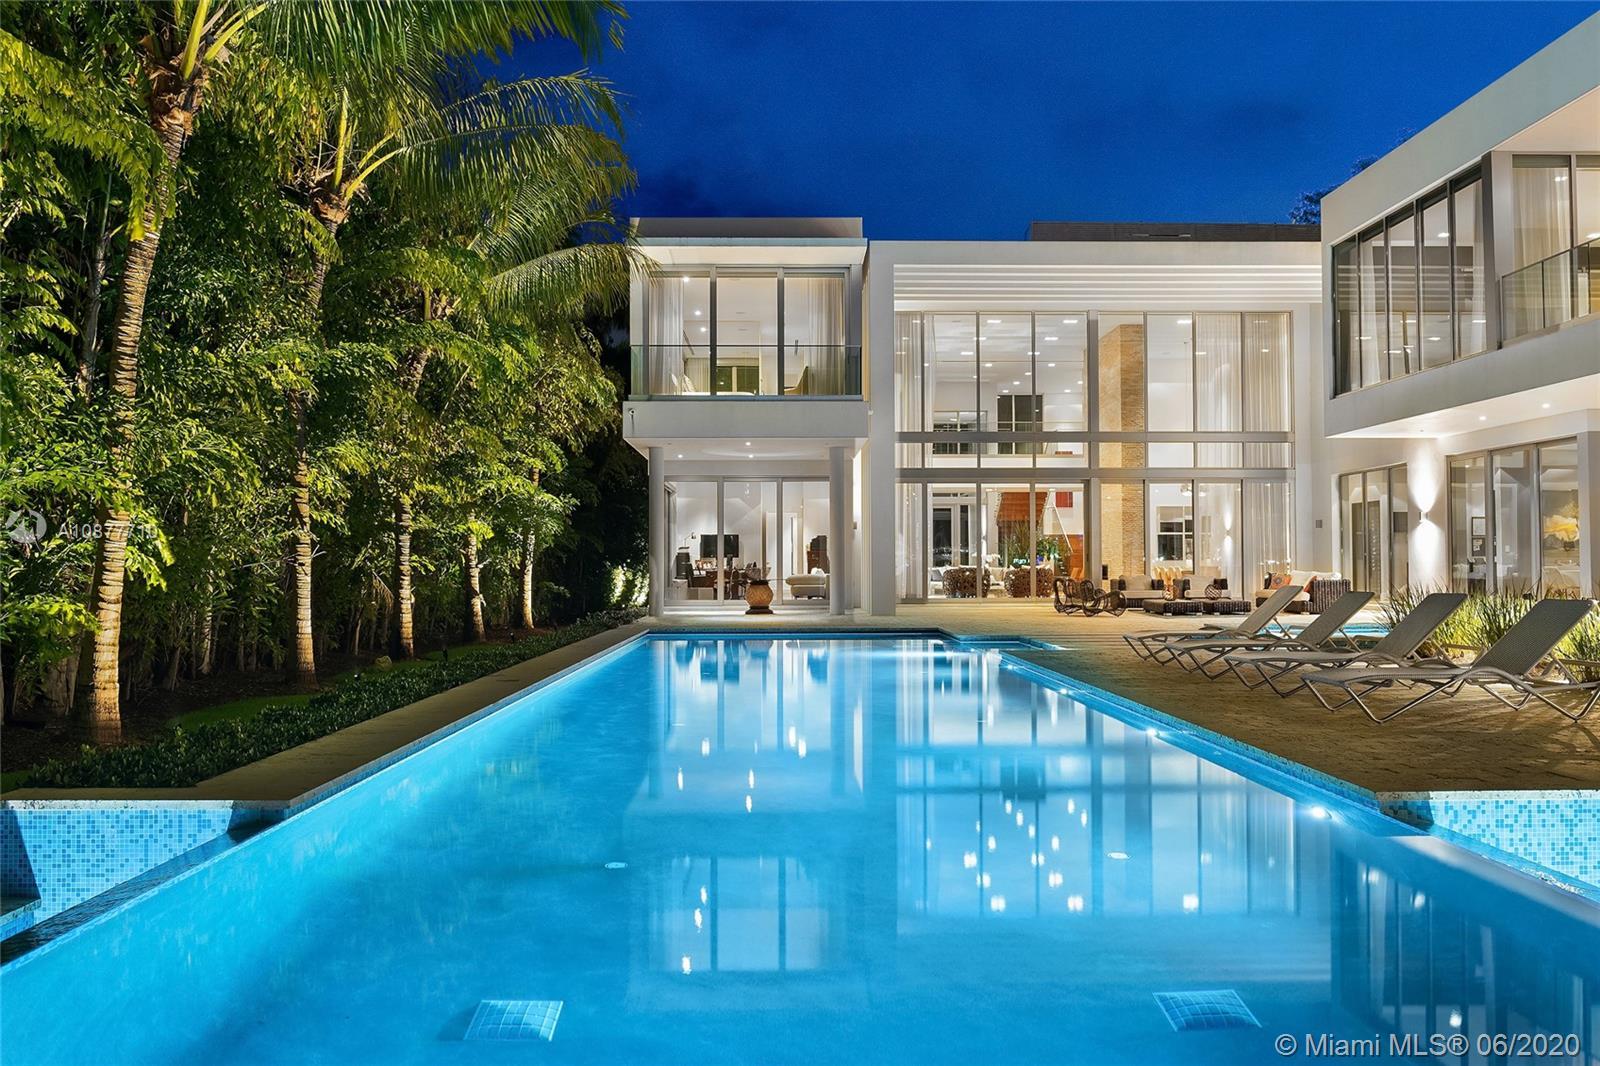 30 Palm ave- miami-beach-fl-33139-a10877710-Pic62